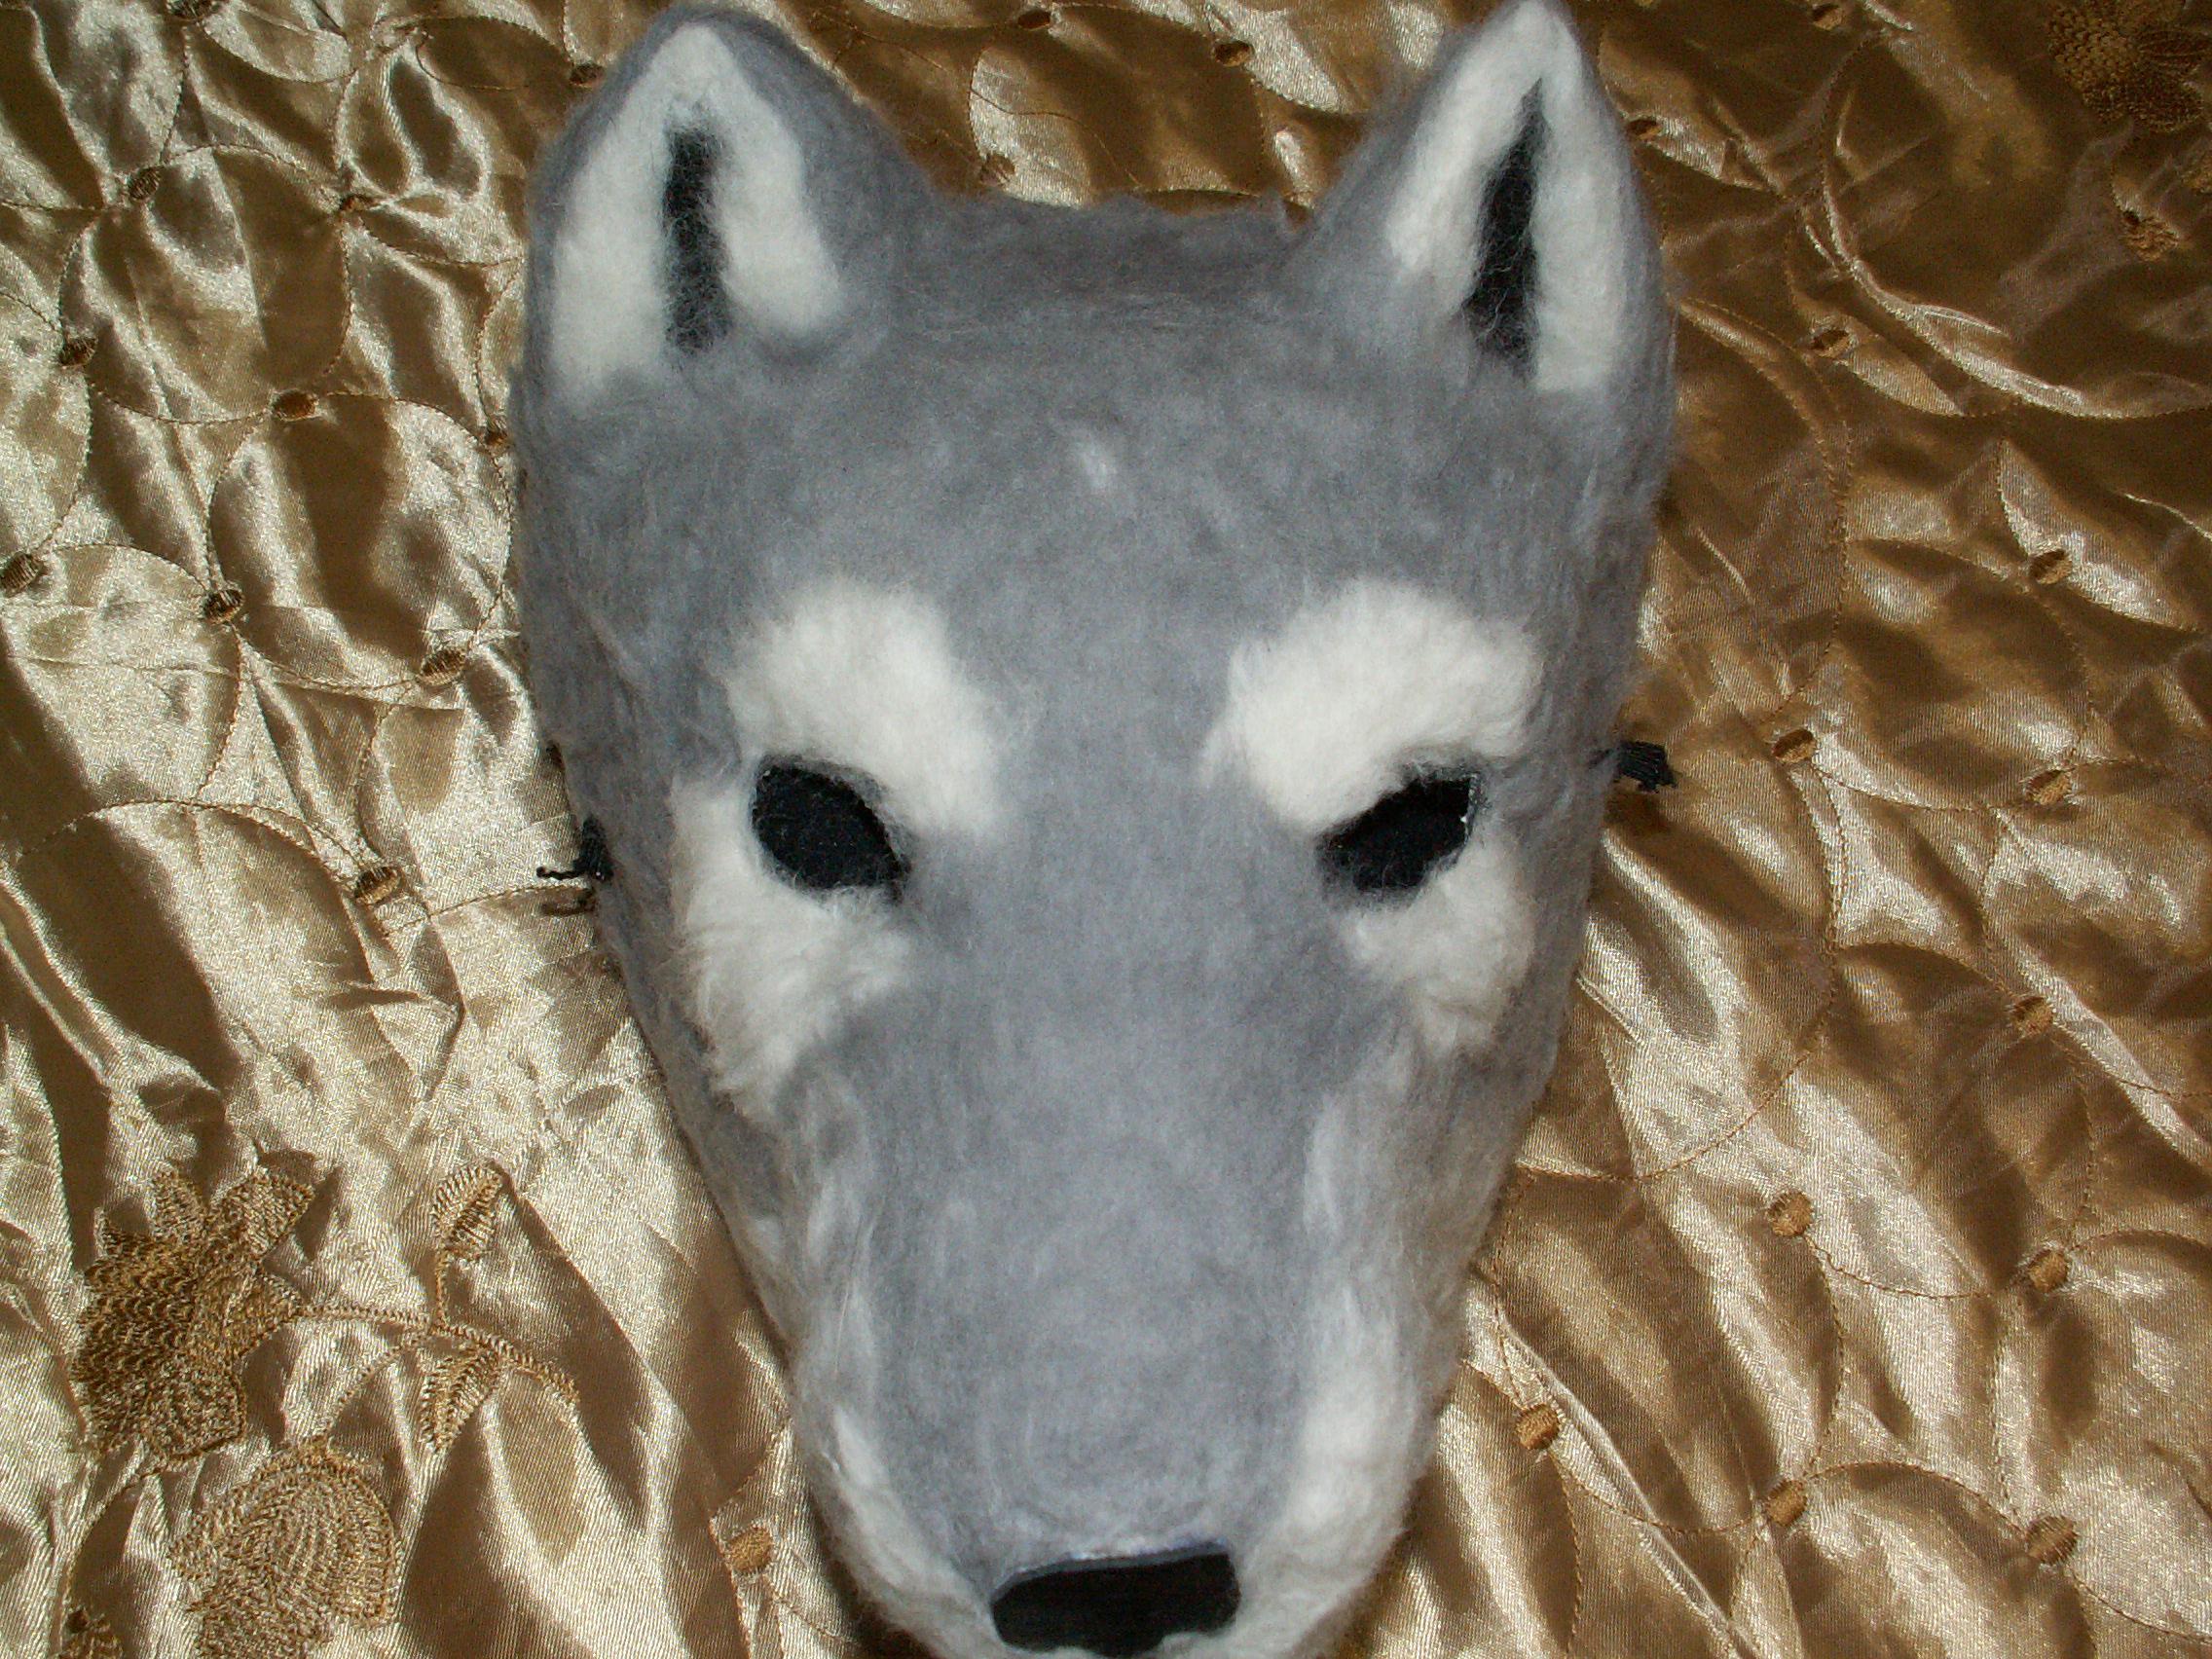 Как сделать маску волка из бумаги и картона СПРОСИ, КАК 69